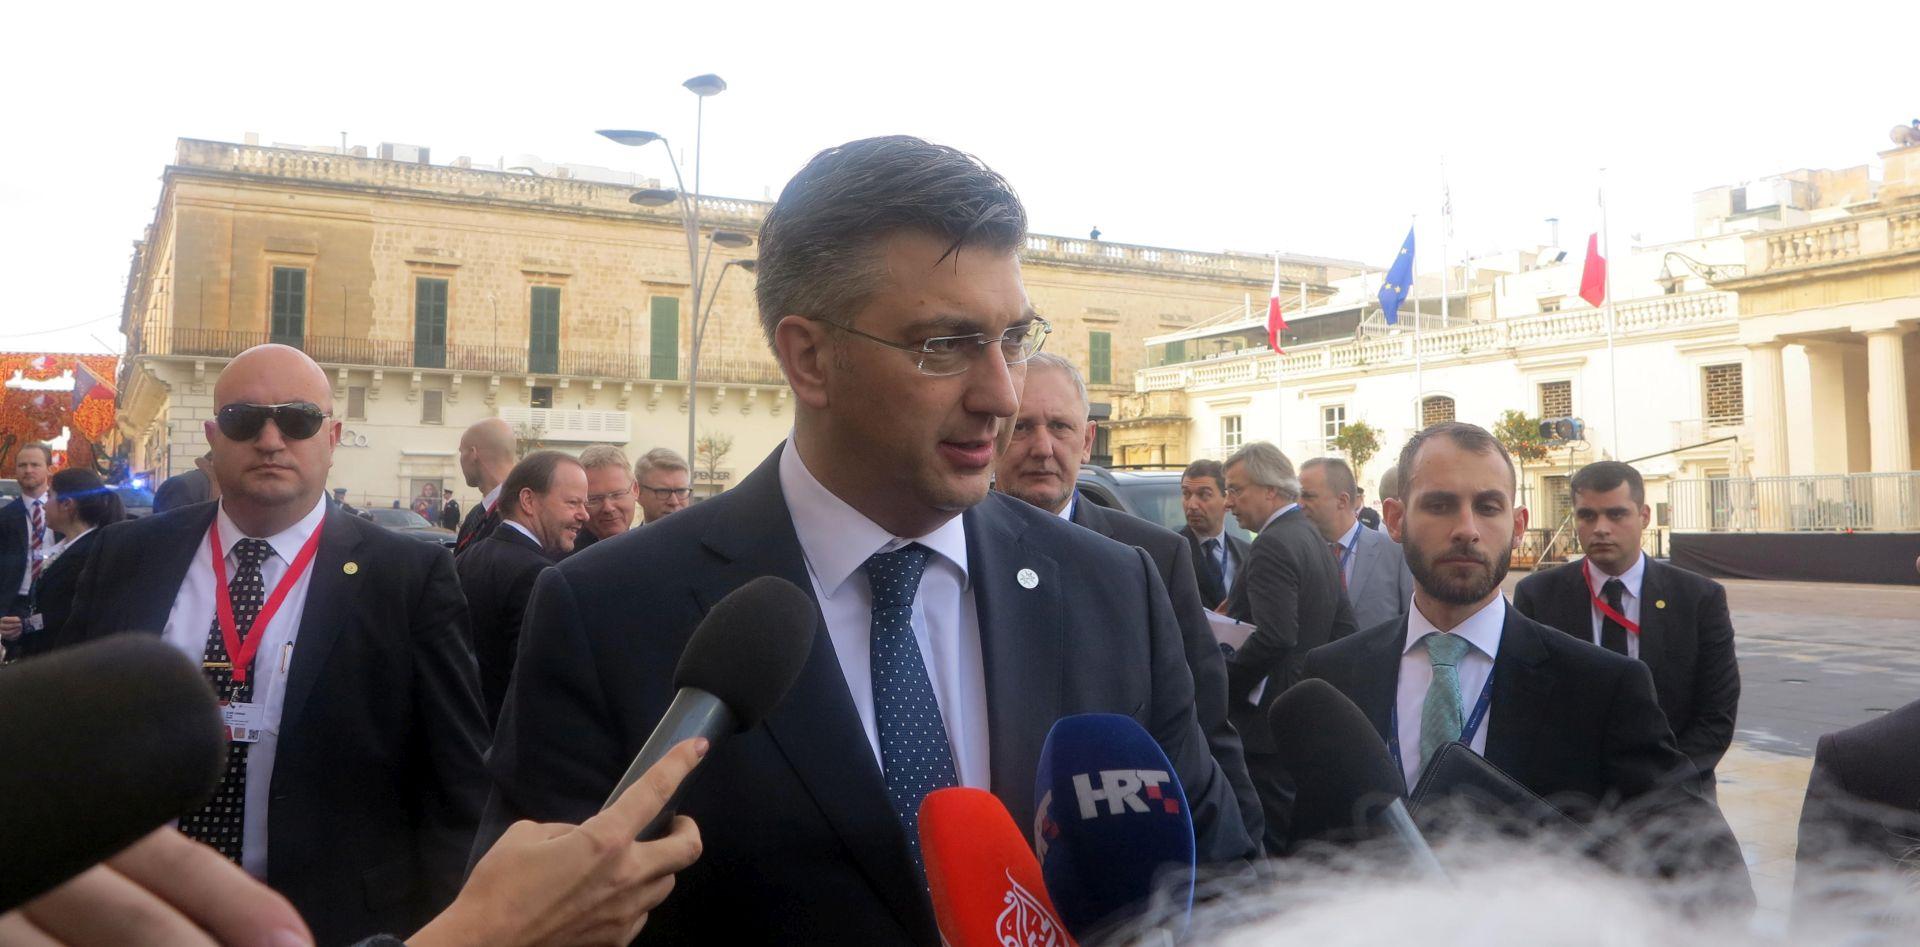 Plenković kaže da ne zna ništa o 'jadranskoj' migrantskoj ruti koju spominje slovenski premijer